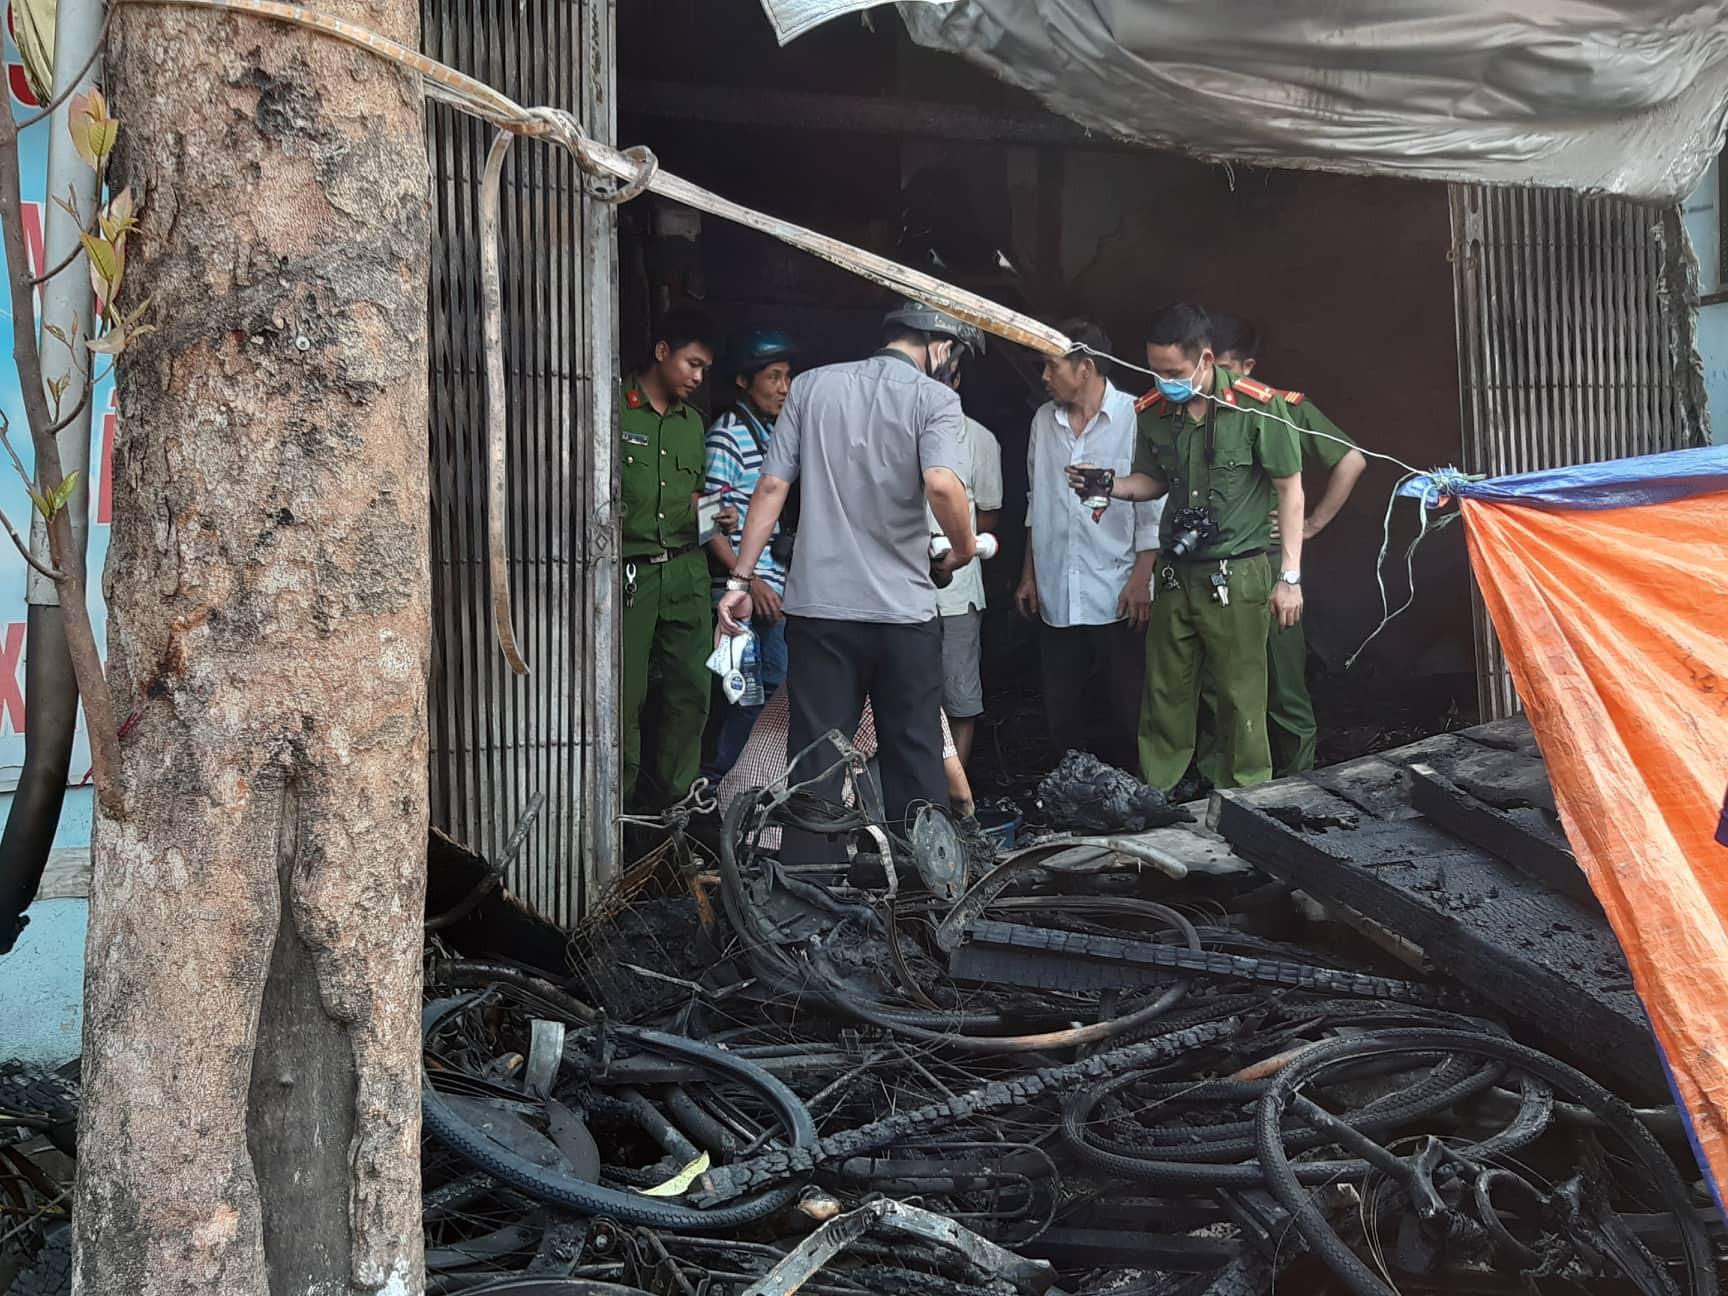 Hiện trường vụ cháy khiến 3 người trong 1 gia đình t.ử v.ong.